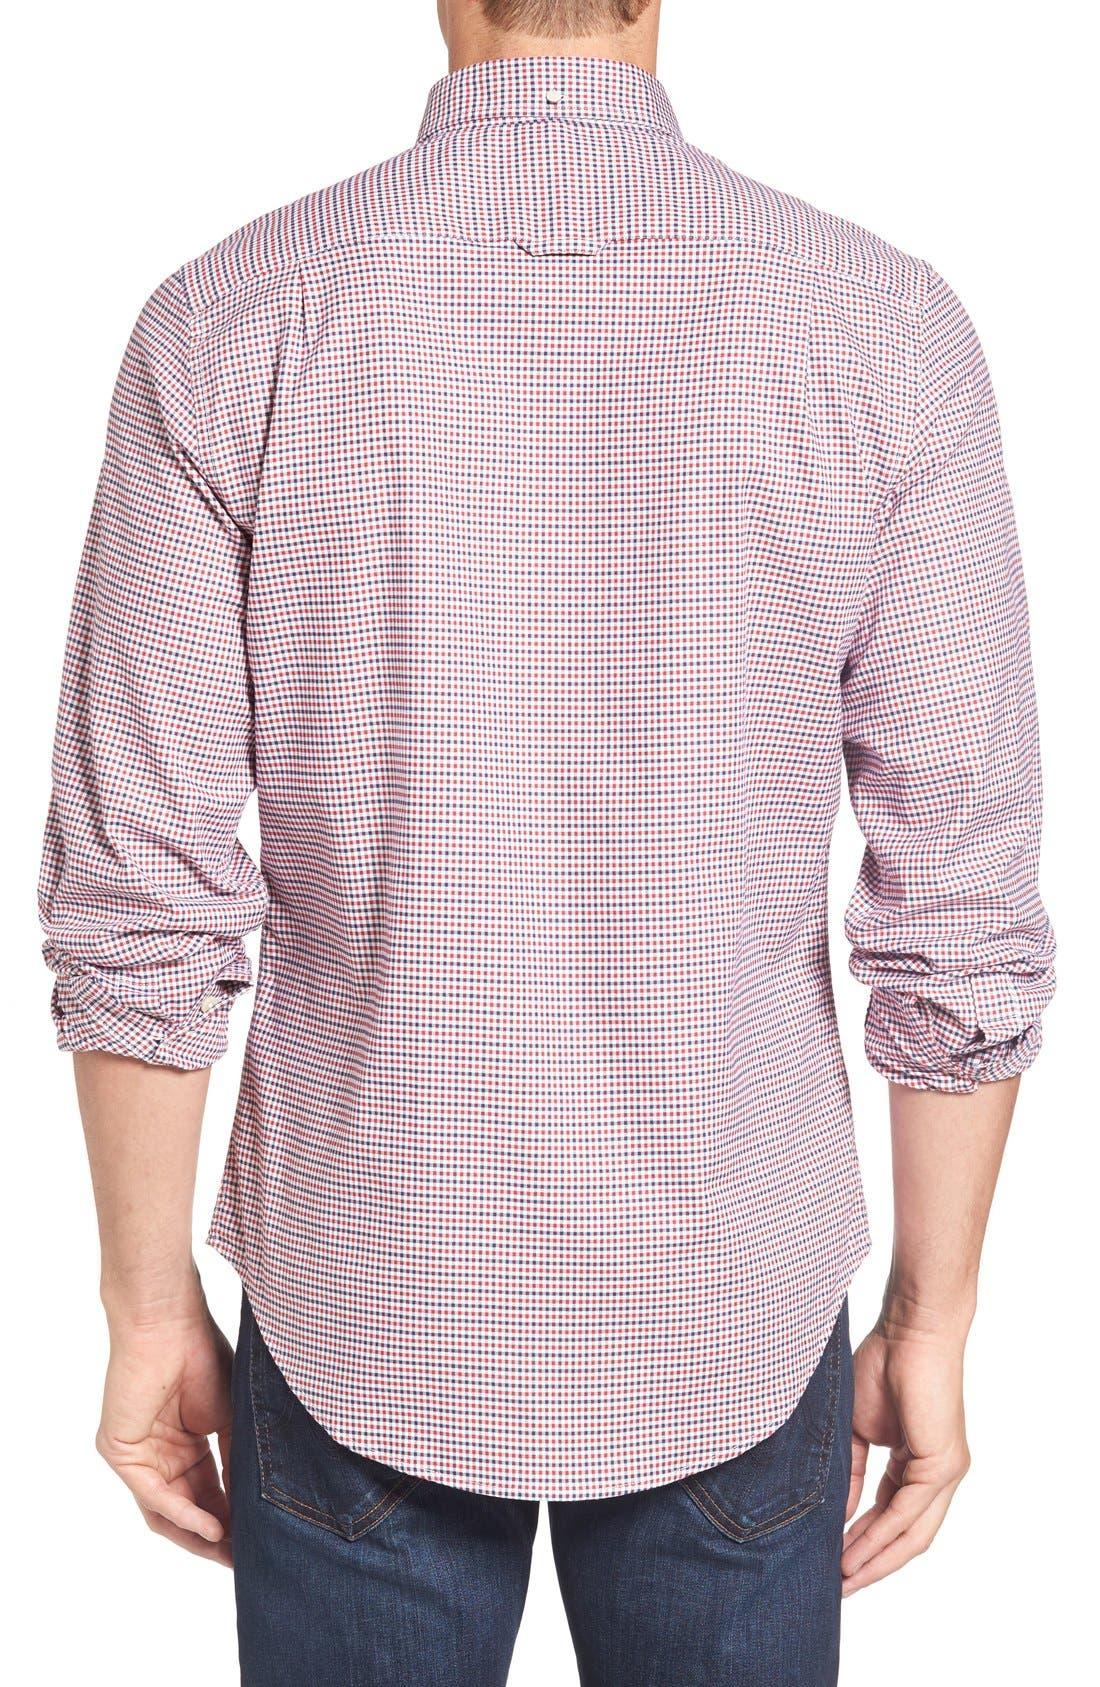 Alternate Image 2  - Gant Gingham Fitted Sport Shirt